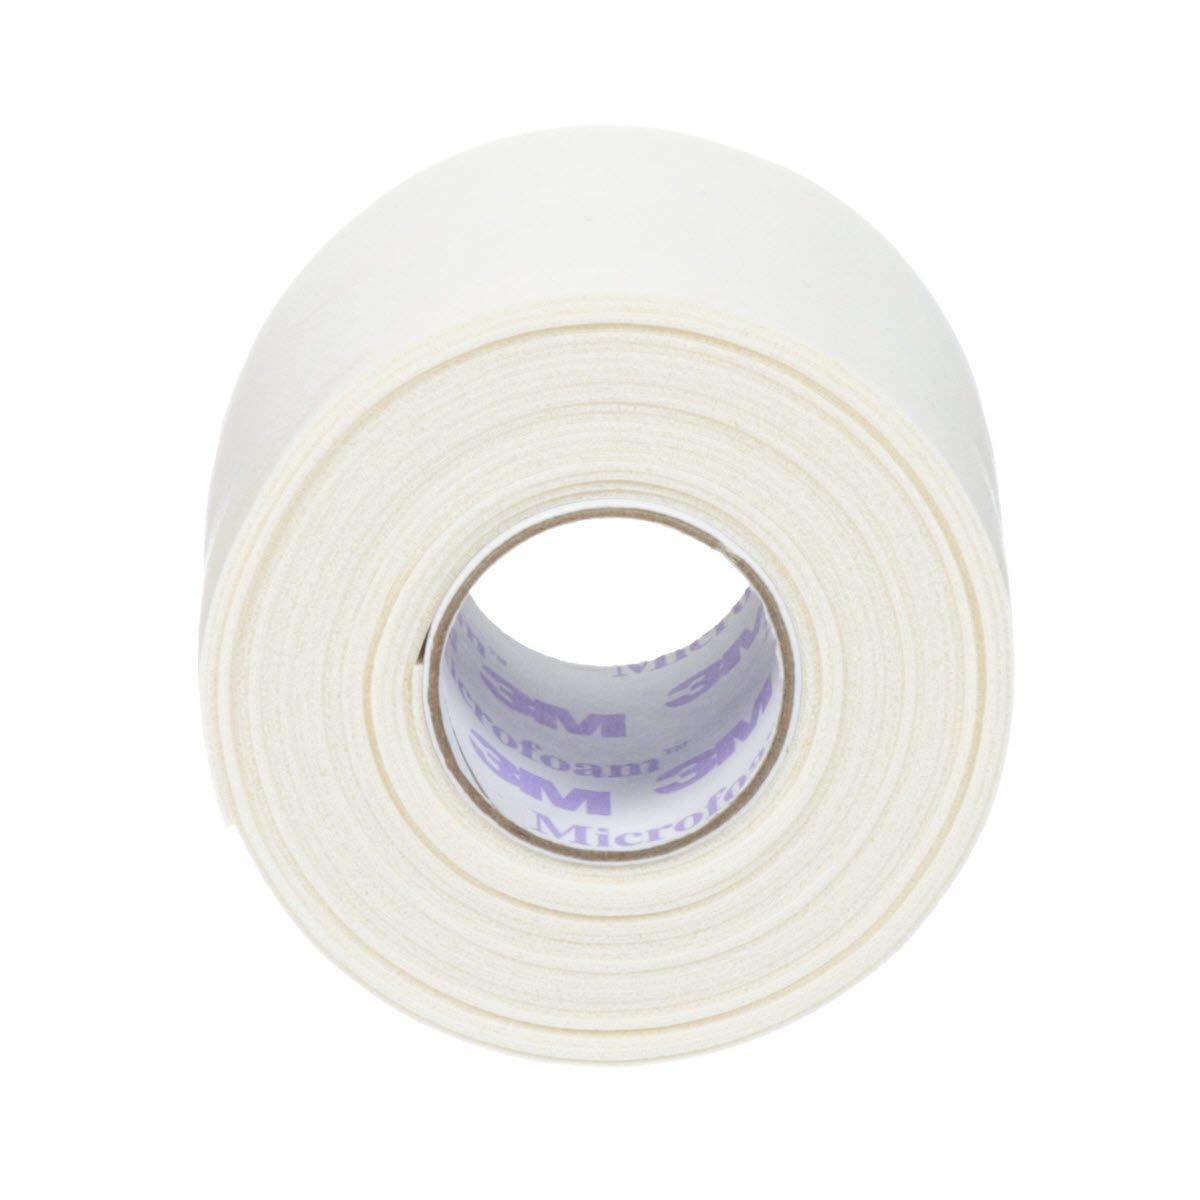 3M Superior Healthcare Microfoam Max 50% OFF Hypoallergenic Surgical Tap Foam Elastic